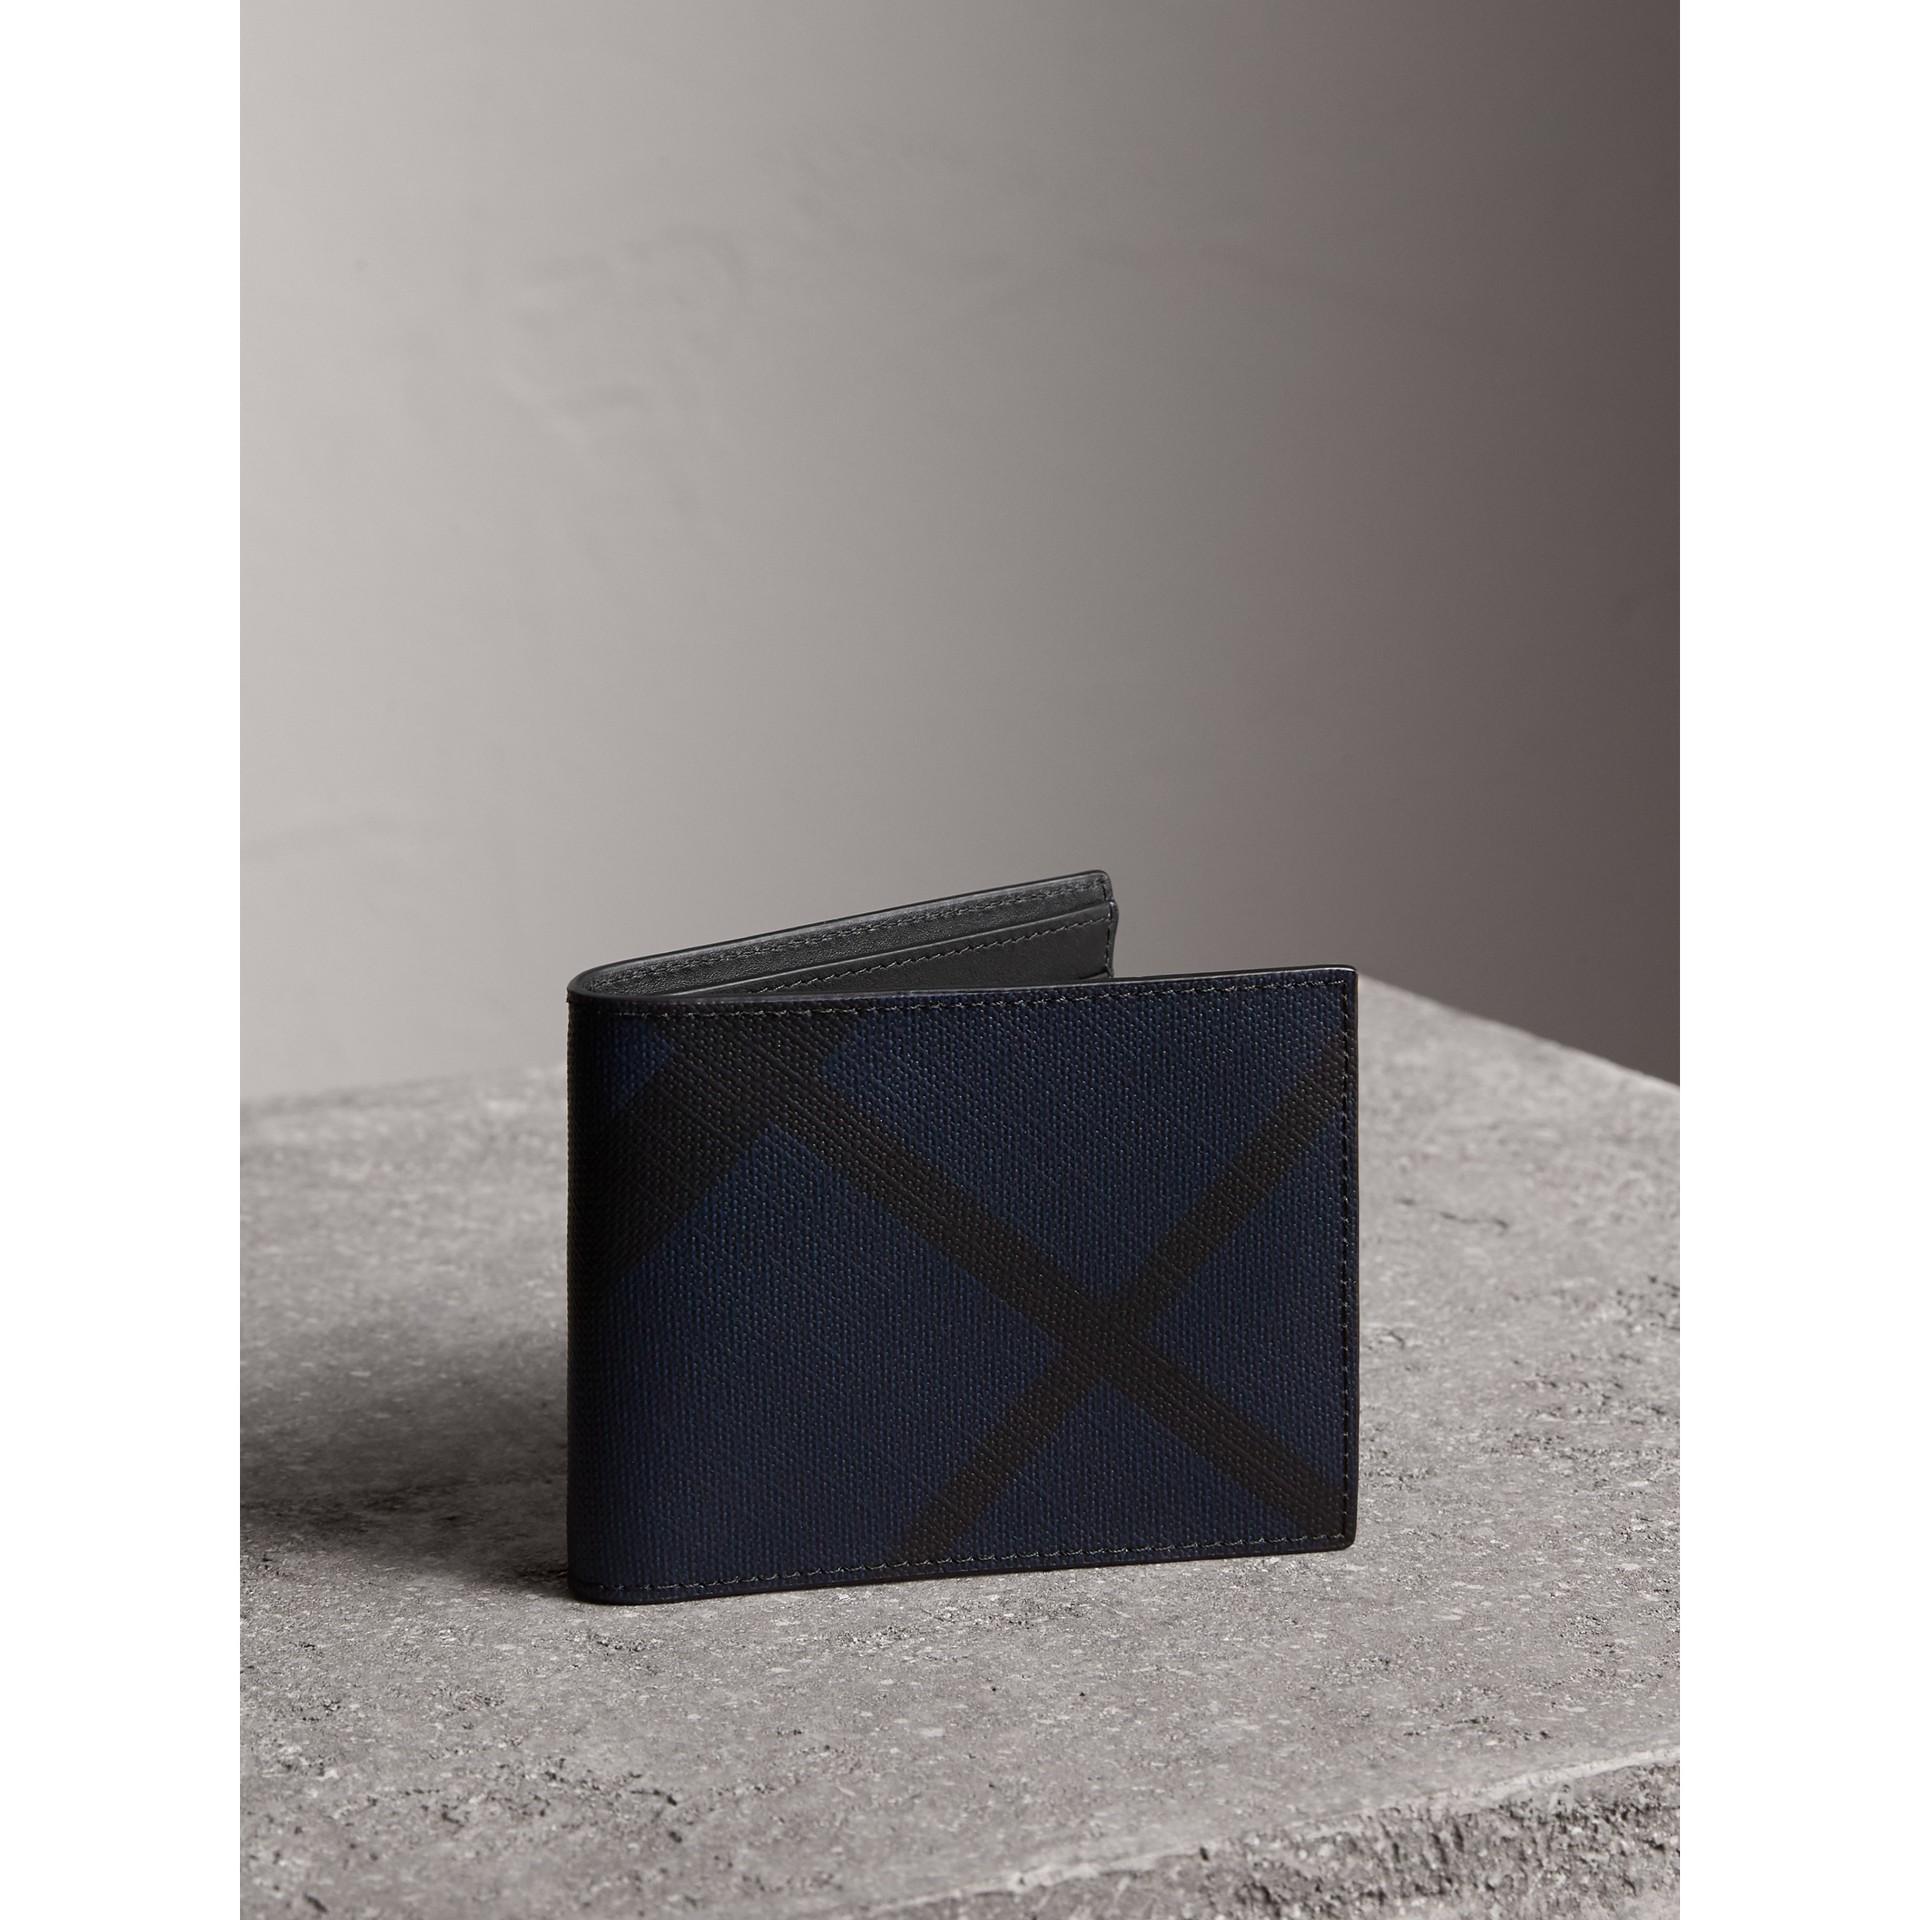 ロンドンチェック&レザー バイフォールドウォレット (ネイビー/ブラック) - メンズ | バーバリー - ギャラリーイメージ 1